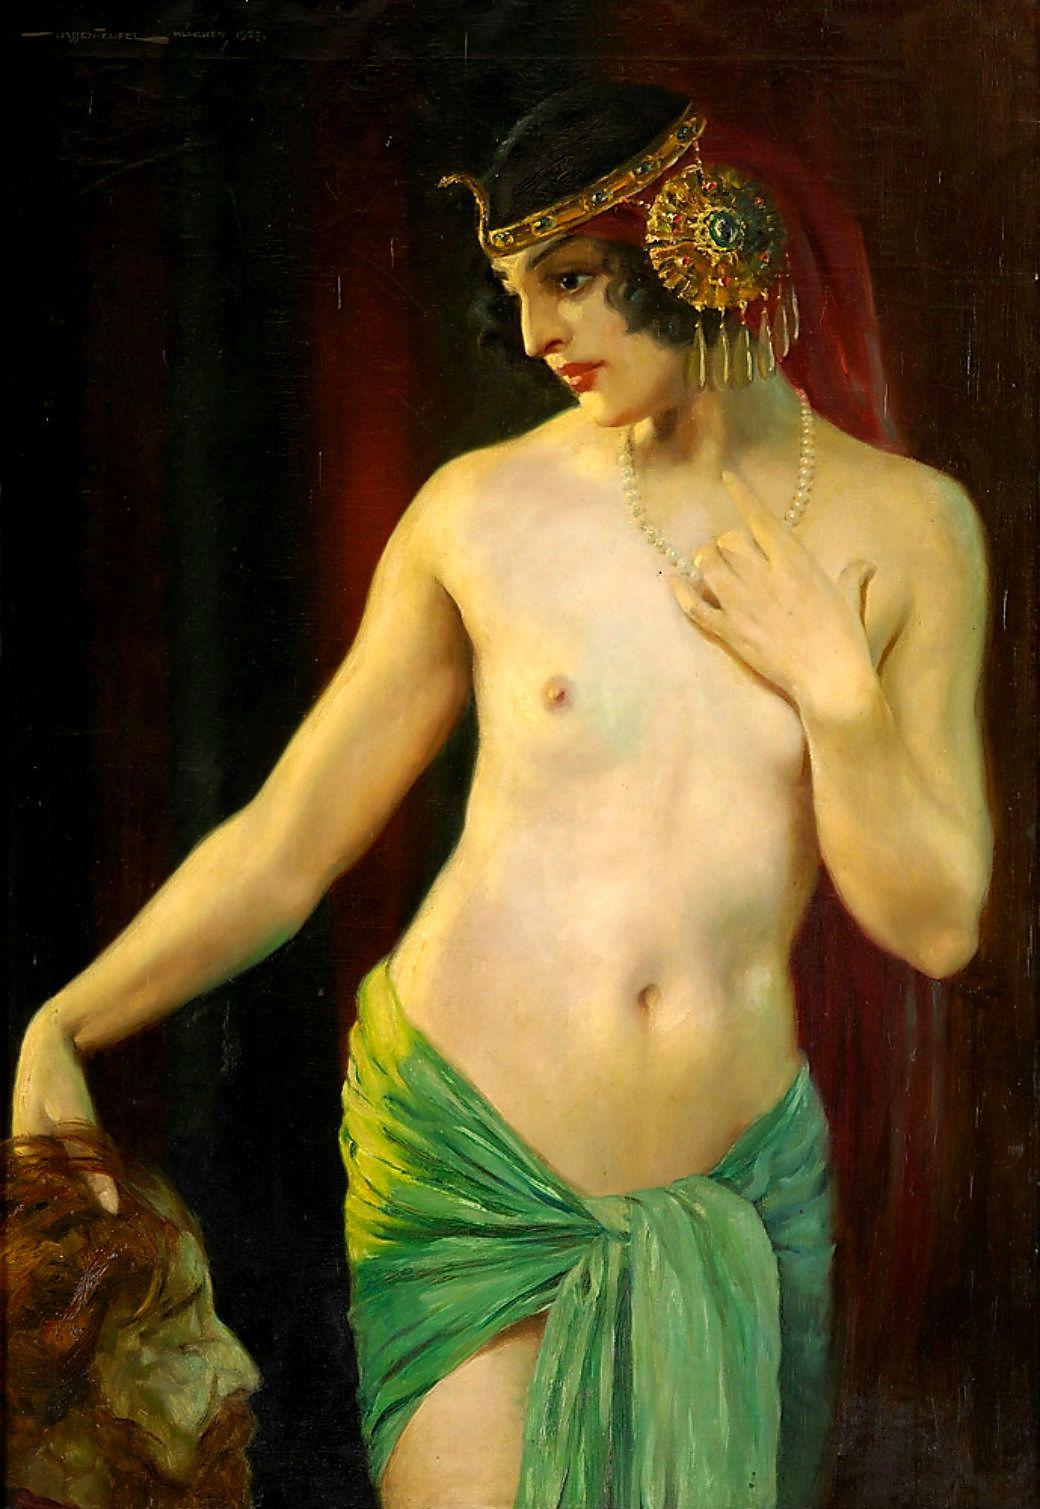 Salome (1927)